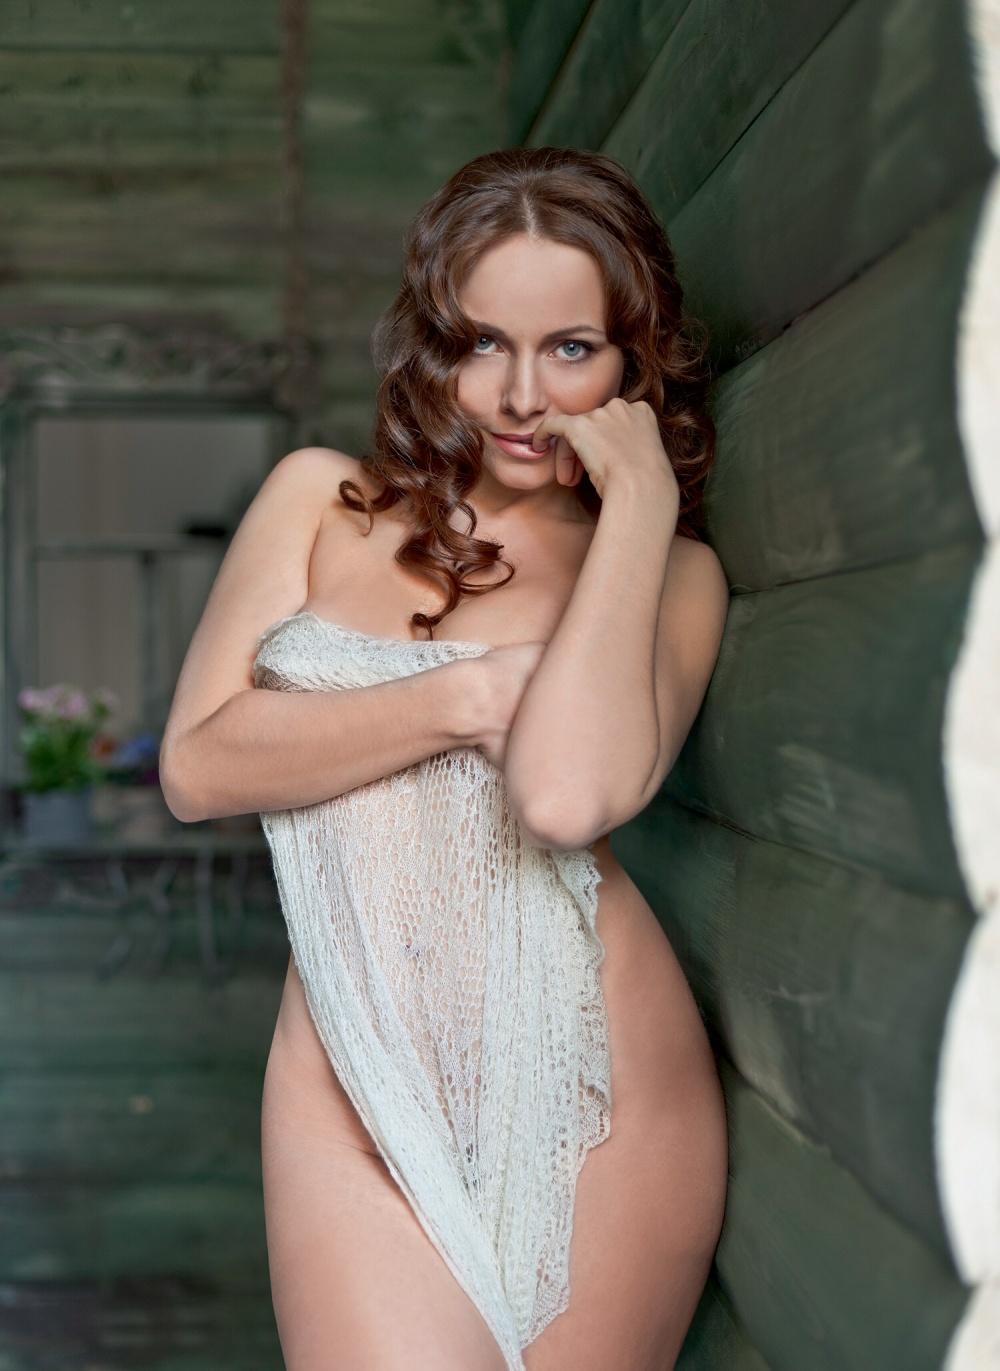 Фото екатерины гусевой актрисы 10 фотография